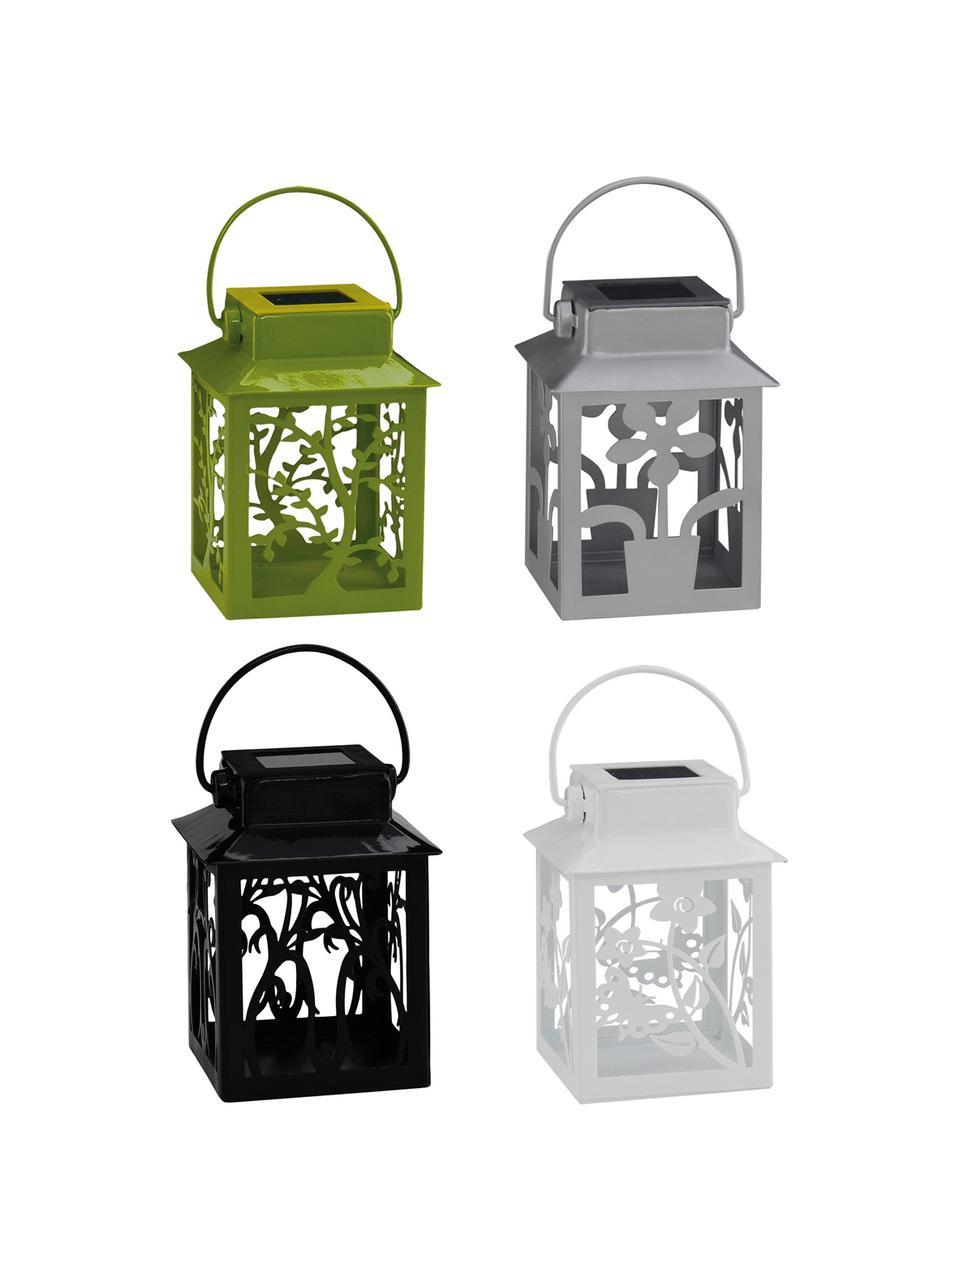 Komplet latarenek solarnych Garden-Lantern, 4 elem., Wielobarwny, S 8 cm x W 13 cm